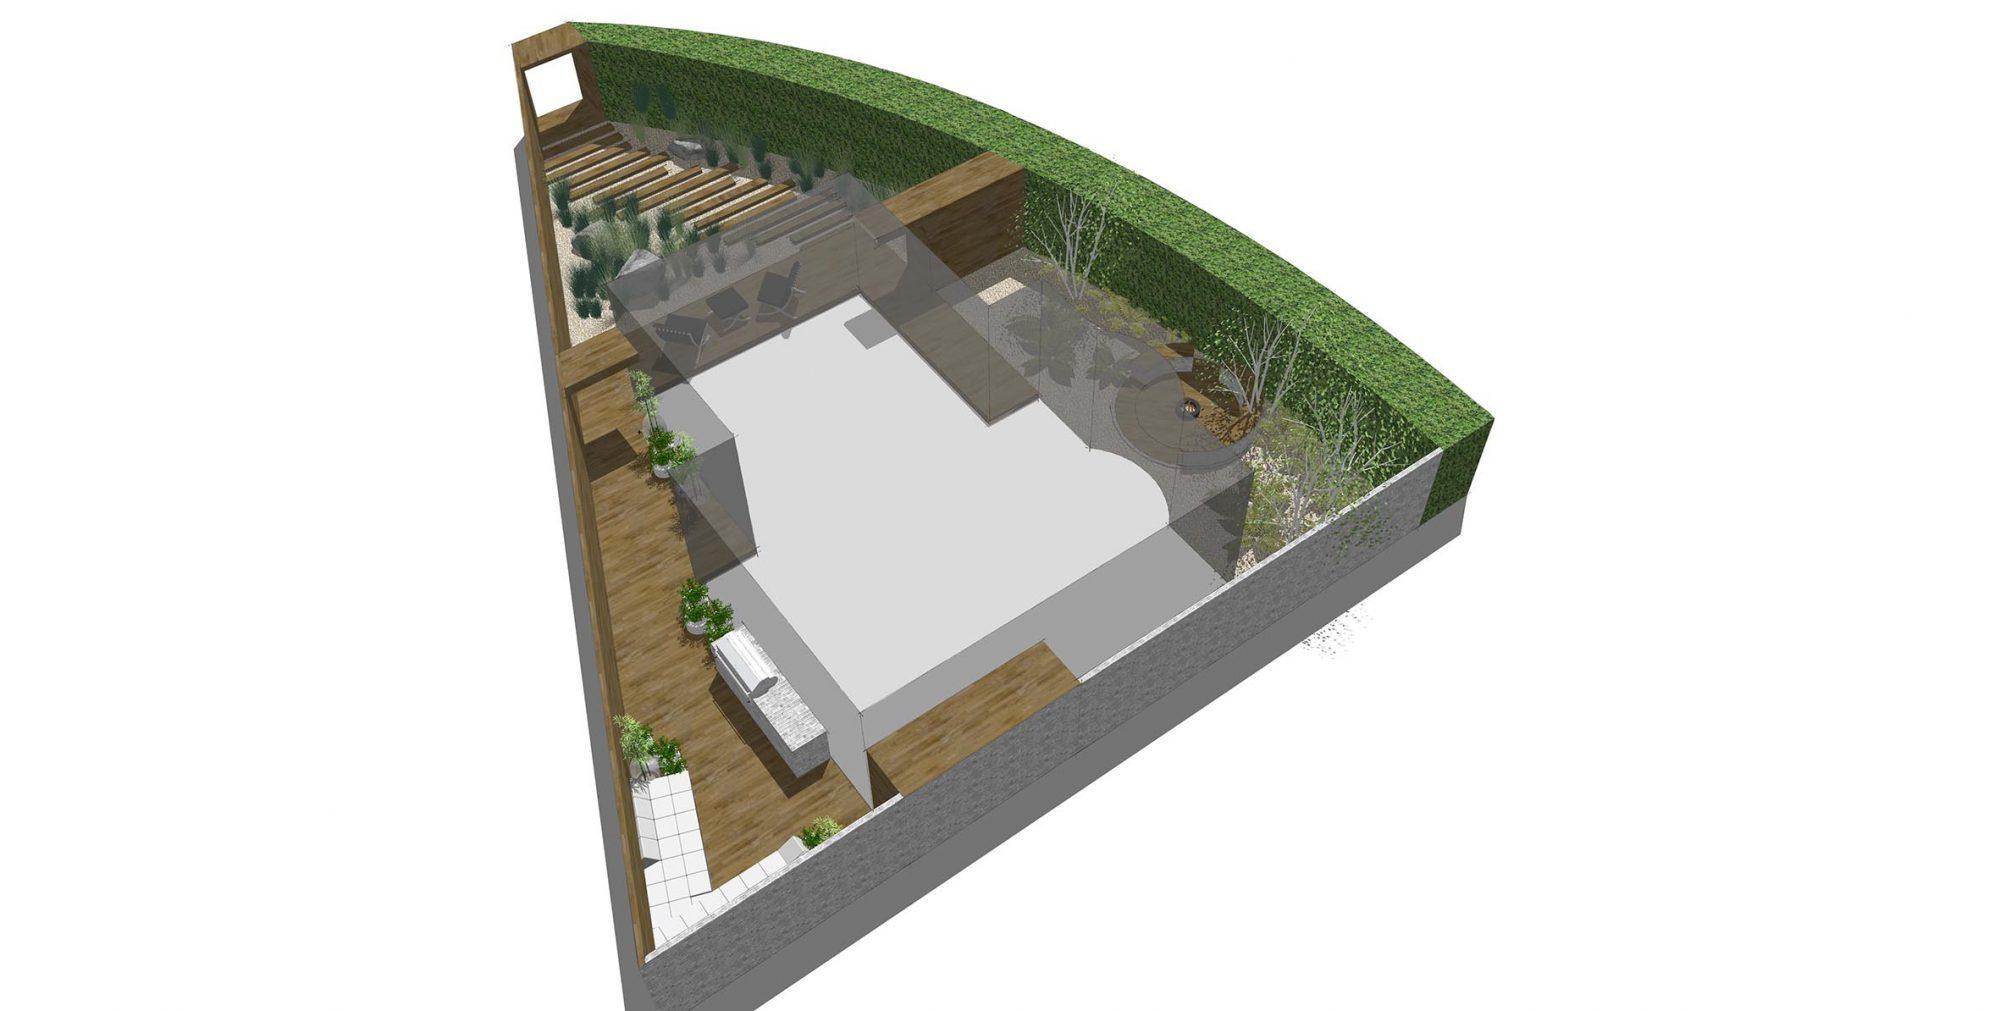 Courtyard garden brighton studio 31 garden design sussex for Landscape design sussex